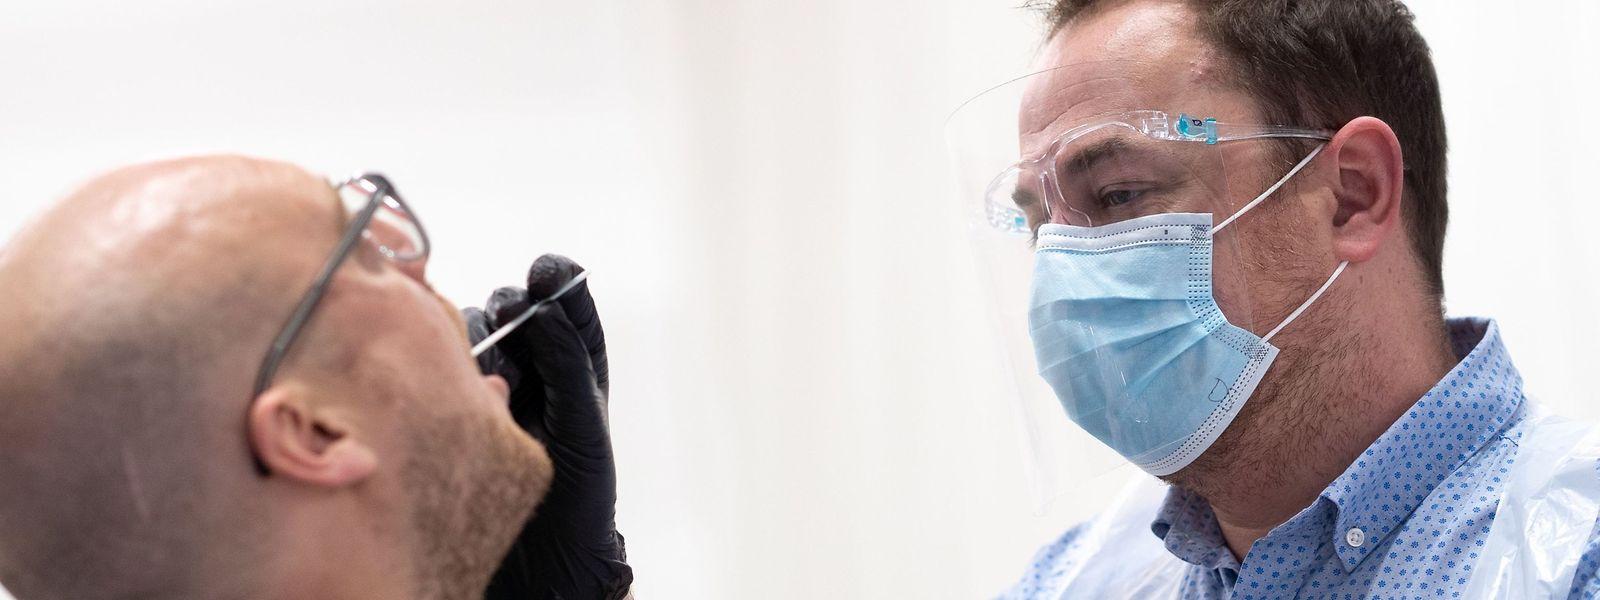 Ce jour, la ministre annonce 416 nouvelles infections en 24 heures. Le record depuis le début de l'épidémie.